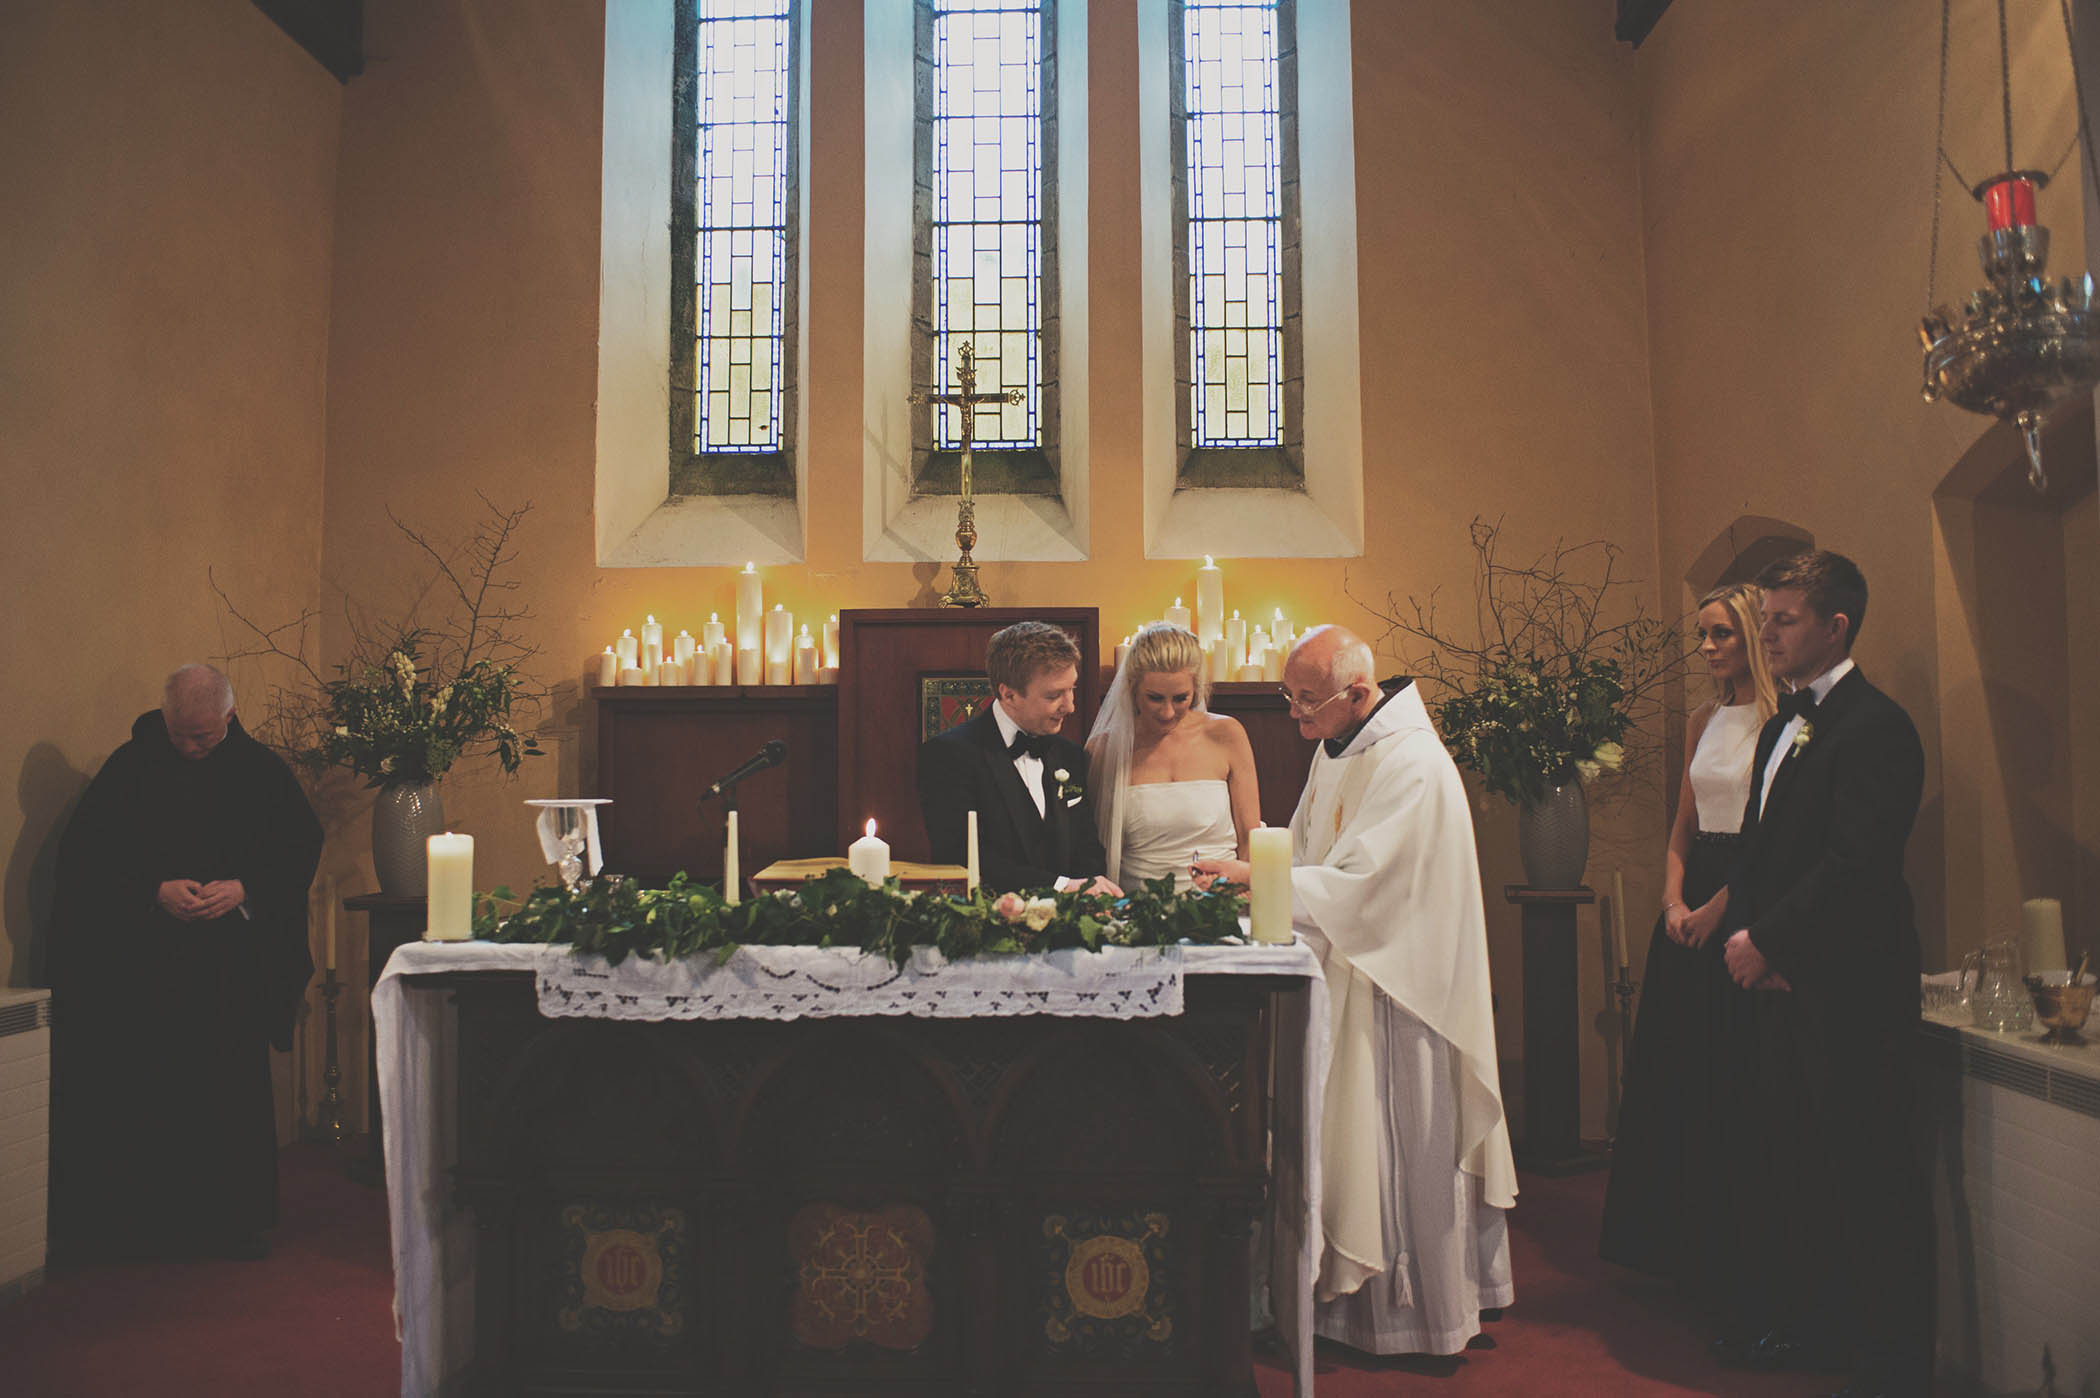 Powerscourt House wedding, church service 2014